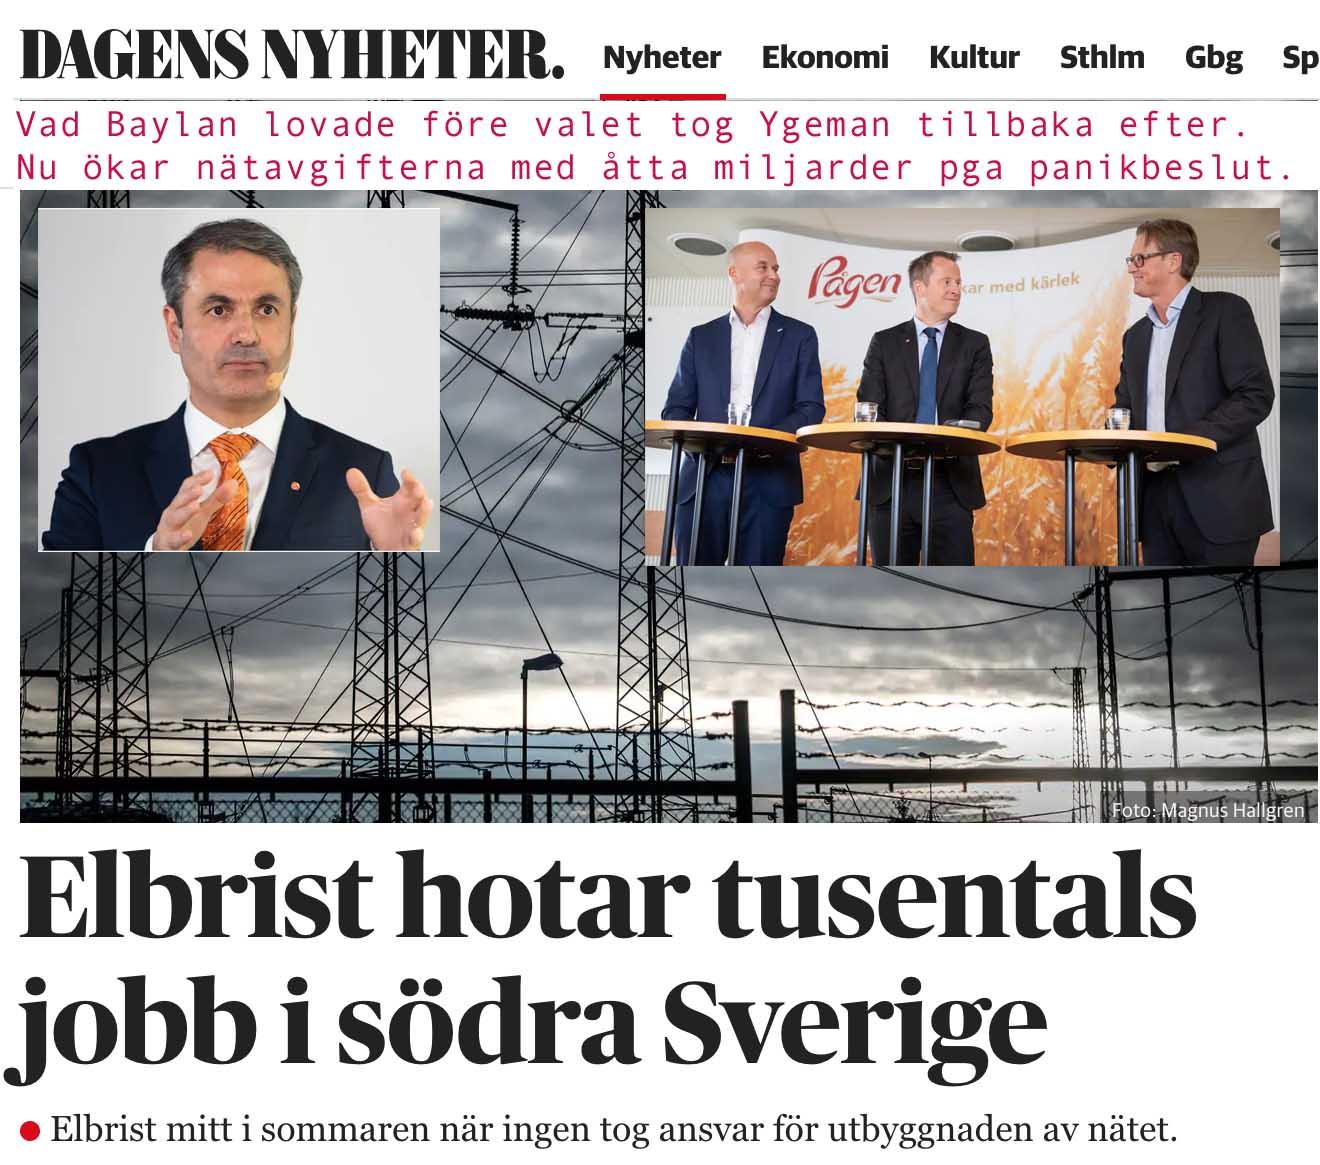 Elbrist i södra Sverige. Vänj er.